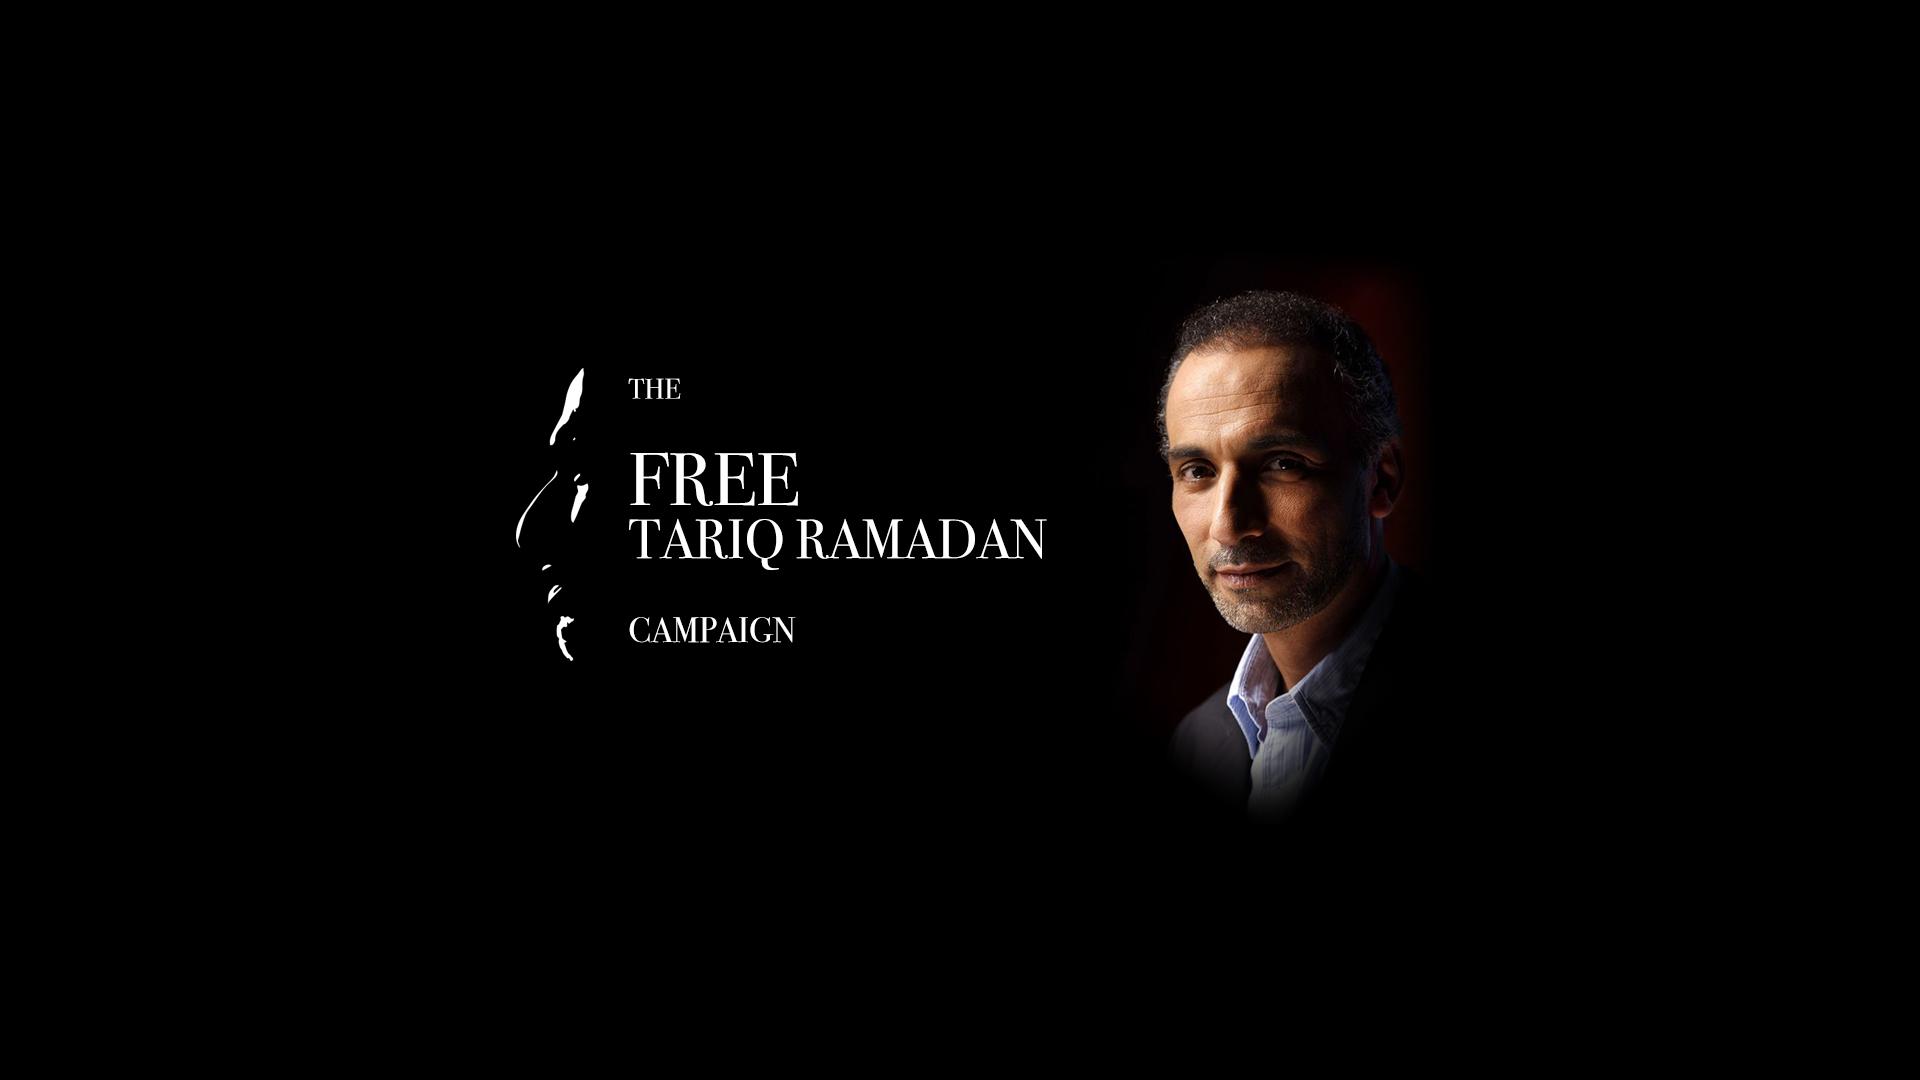 Tariq Ramadan-second Dreyfus